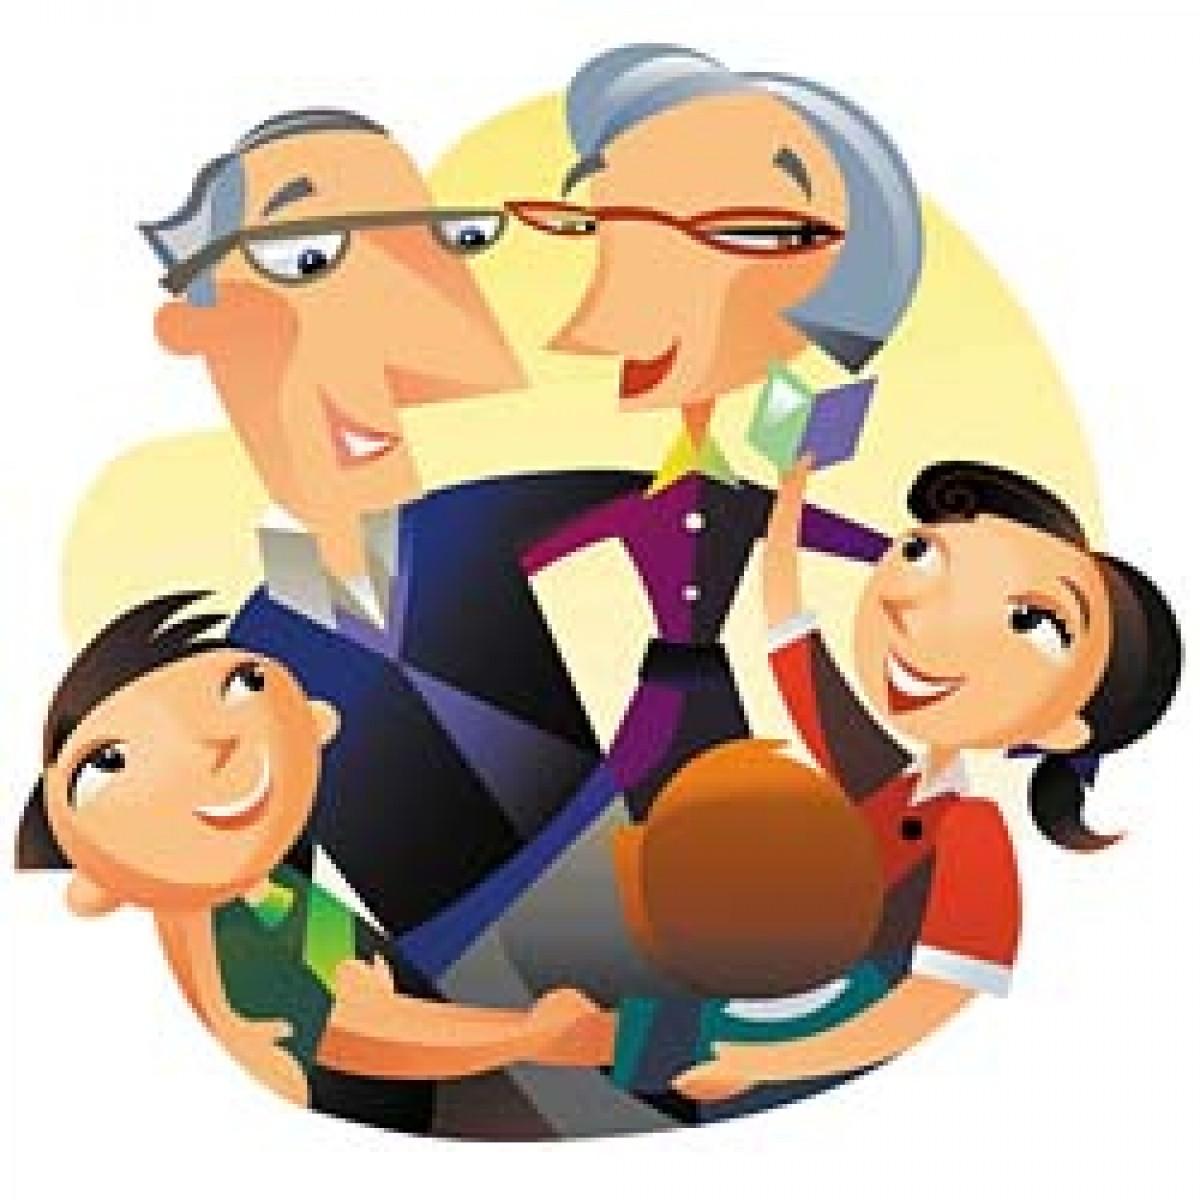 Παιδιά τυχερά… με παππού και γιαγιά!